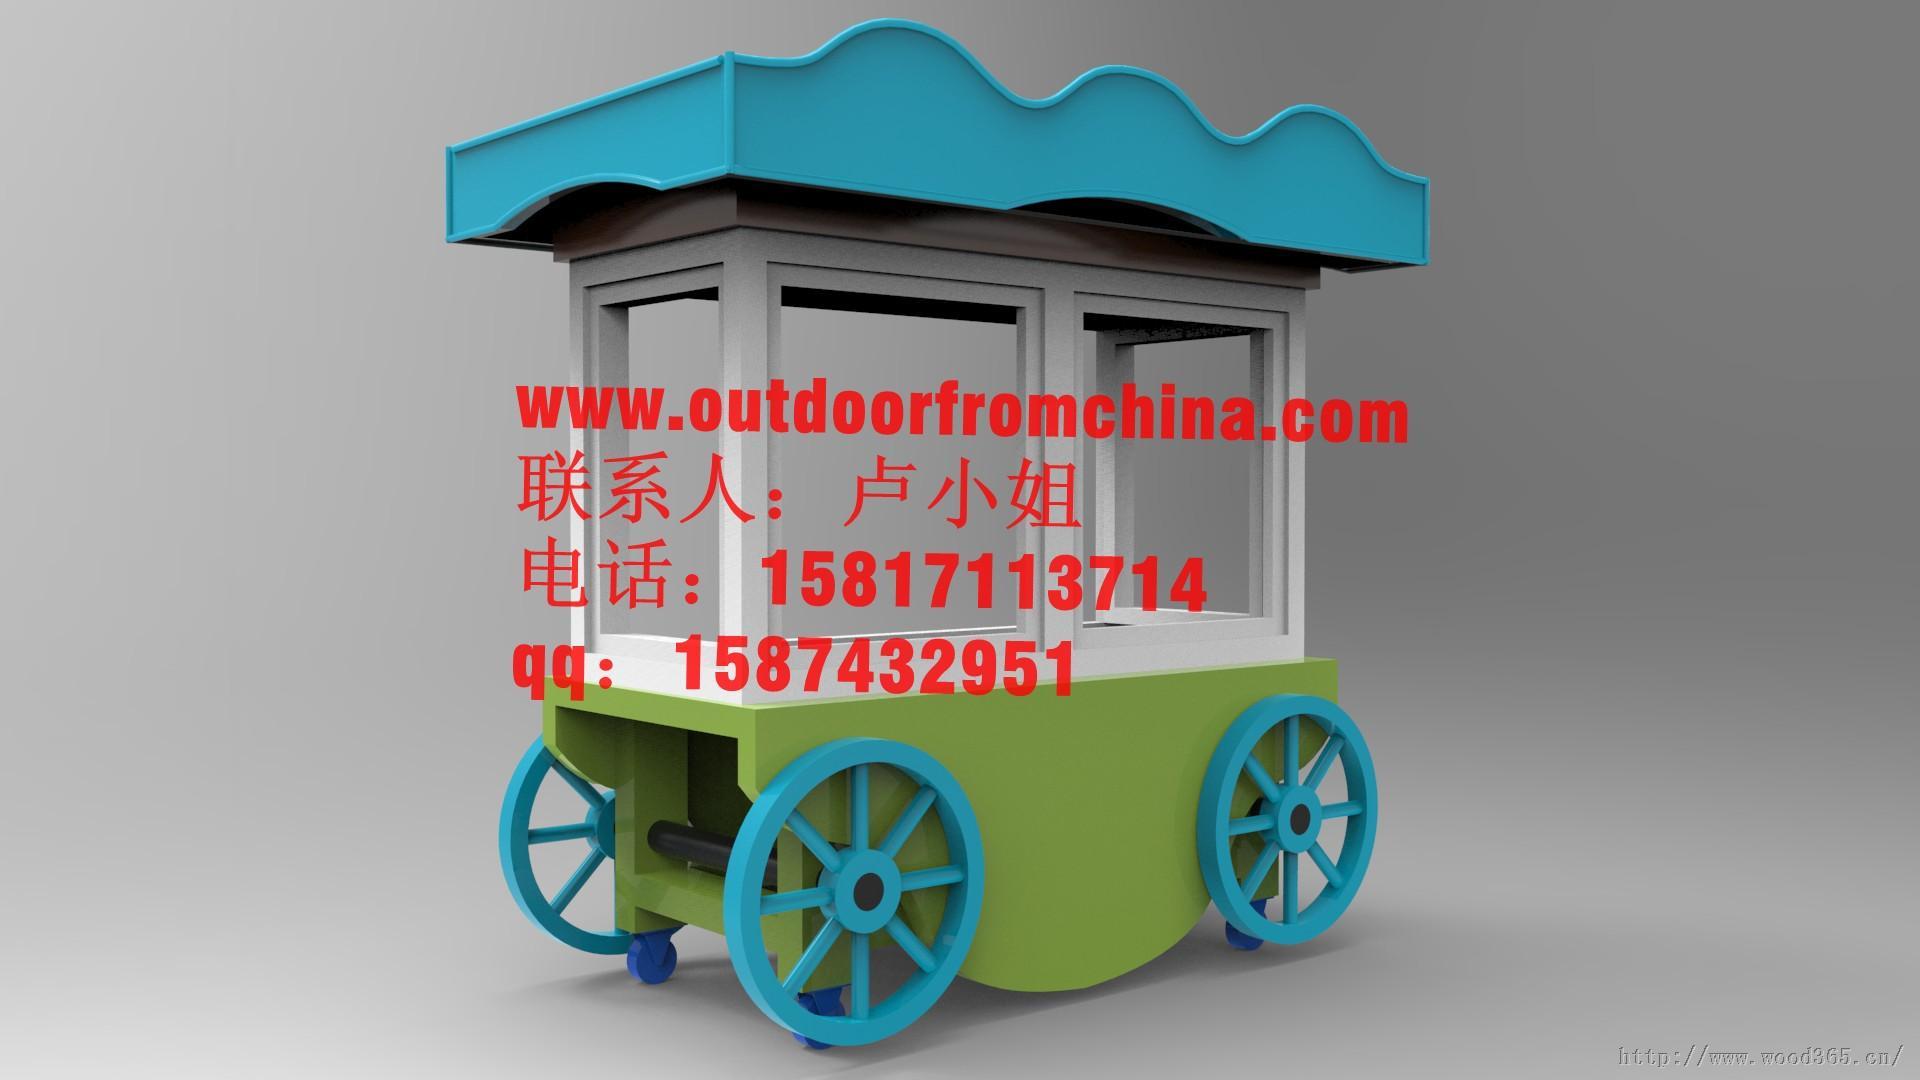 济南商业街售货车,淄博游乐园售货车,威海商业步行街售货车